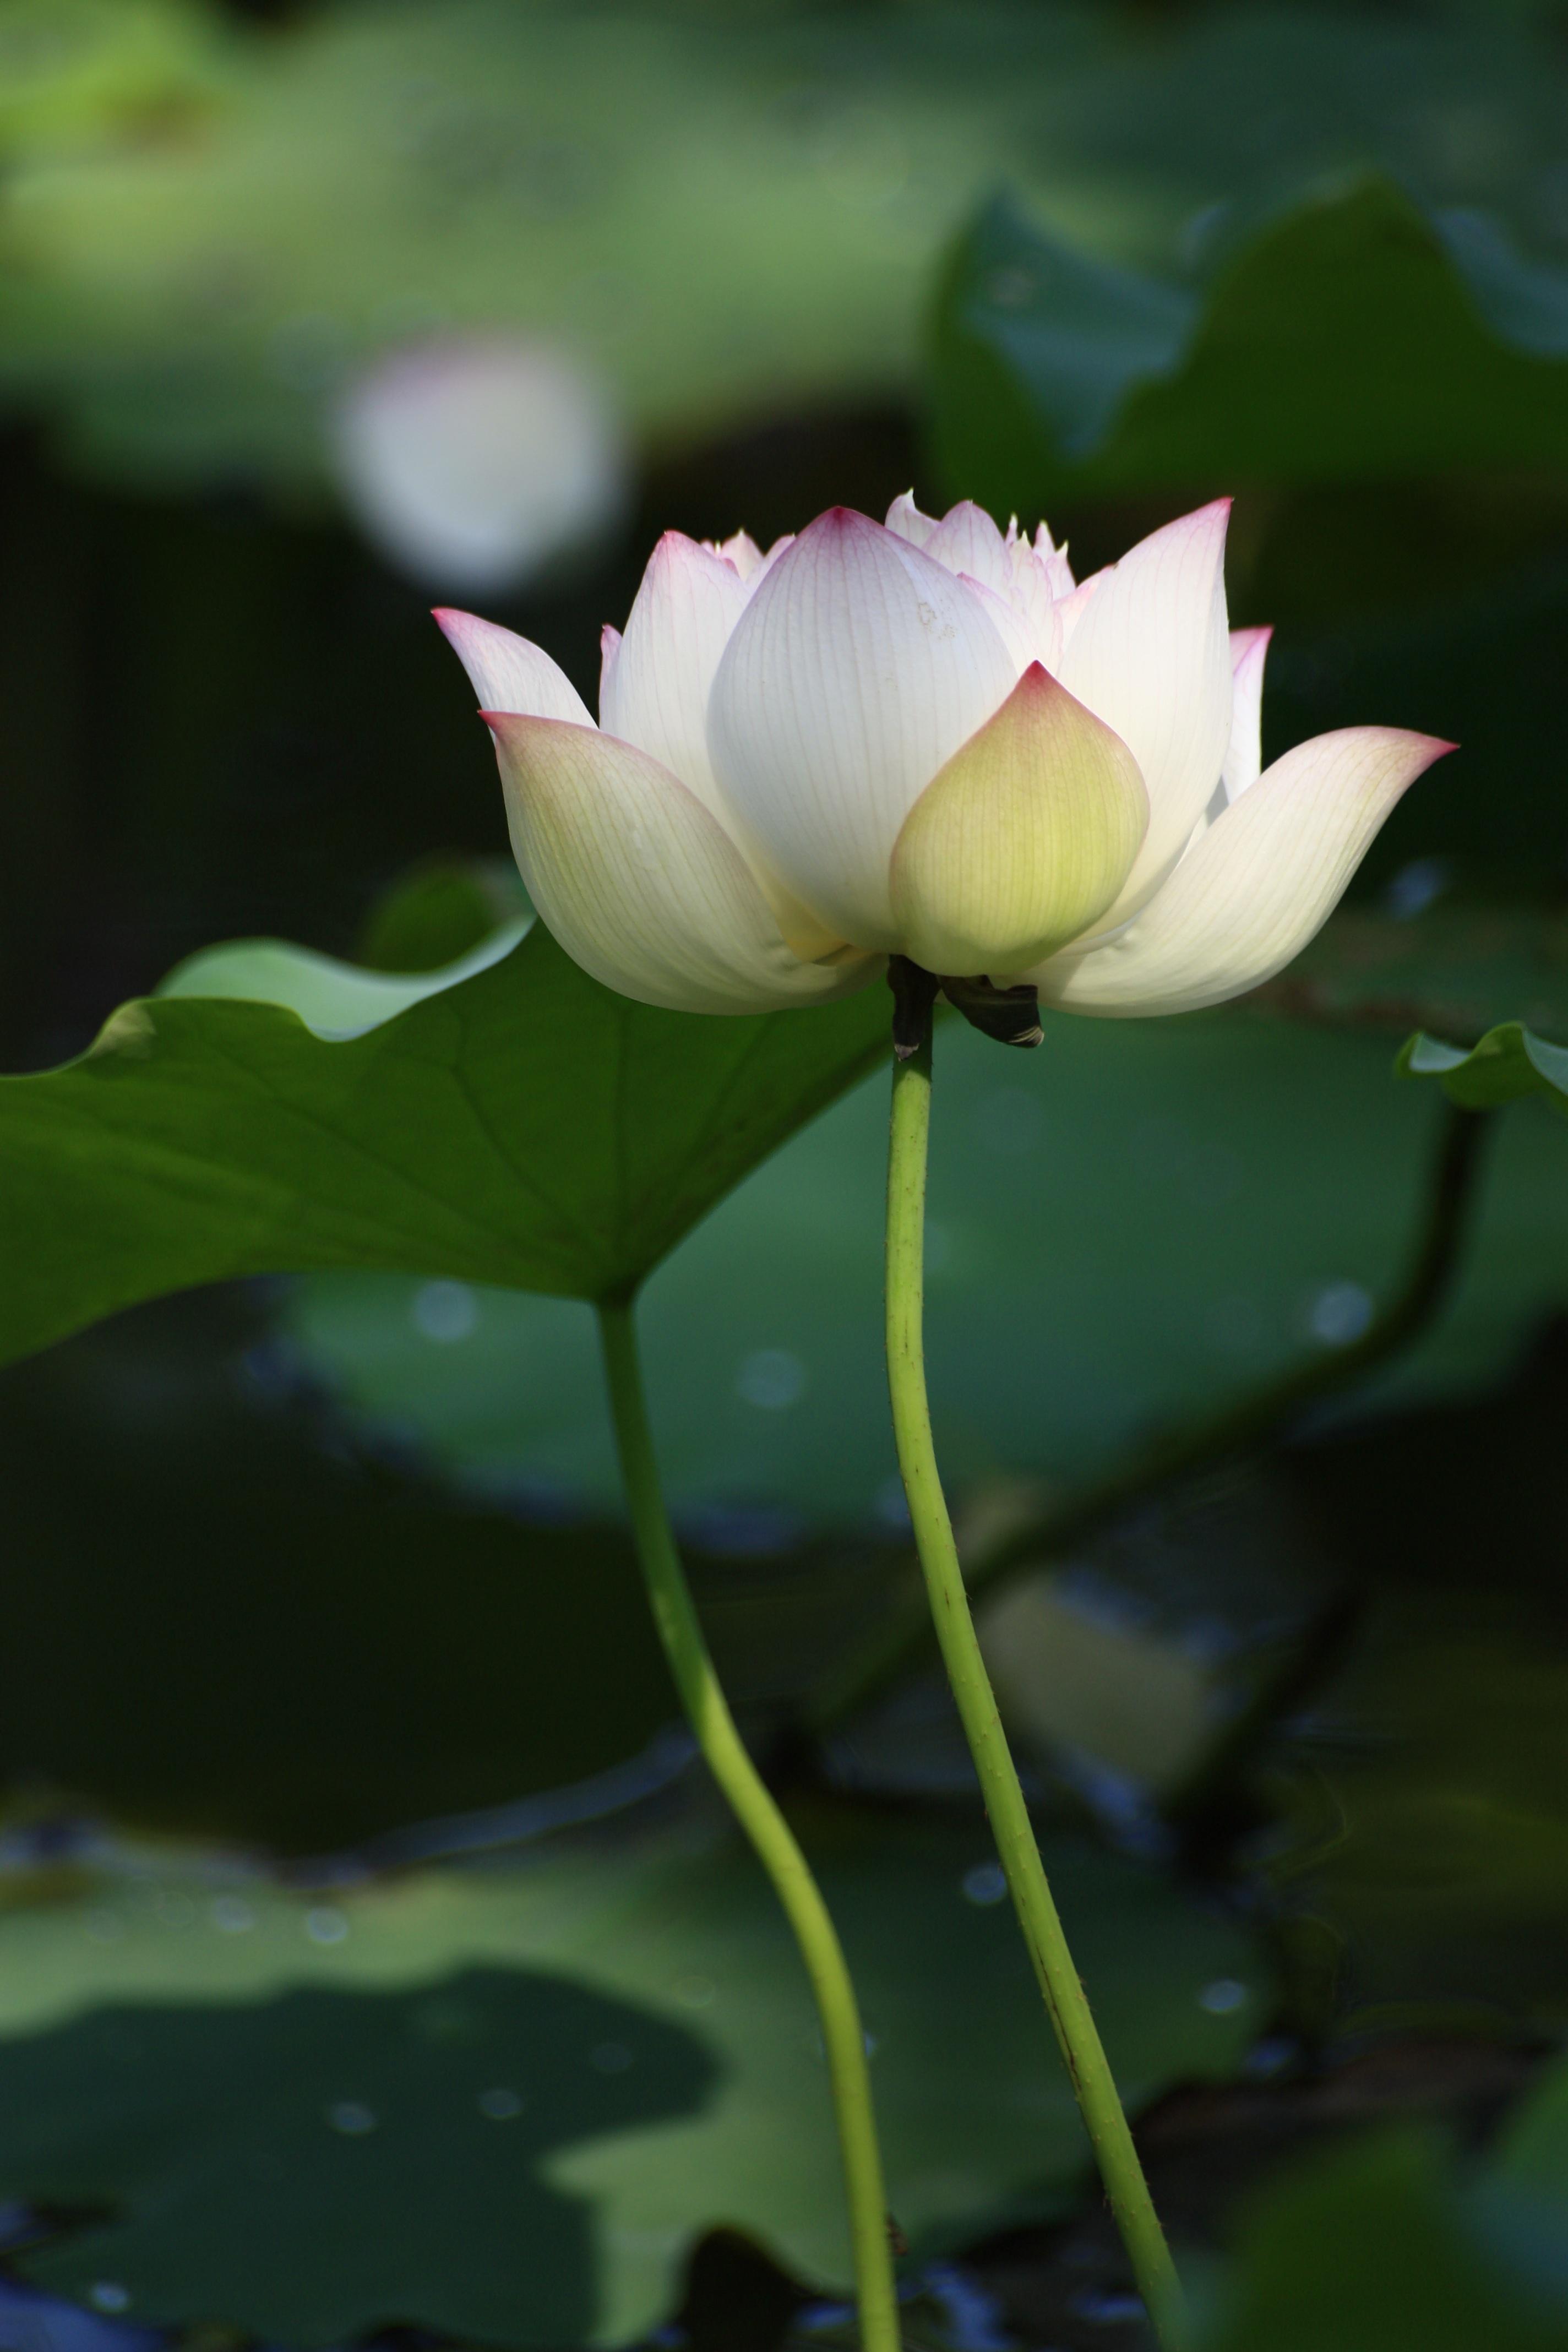 Fotos gratis : blanco, hoja, pétalo, estanque, primavera, verde ...